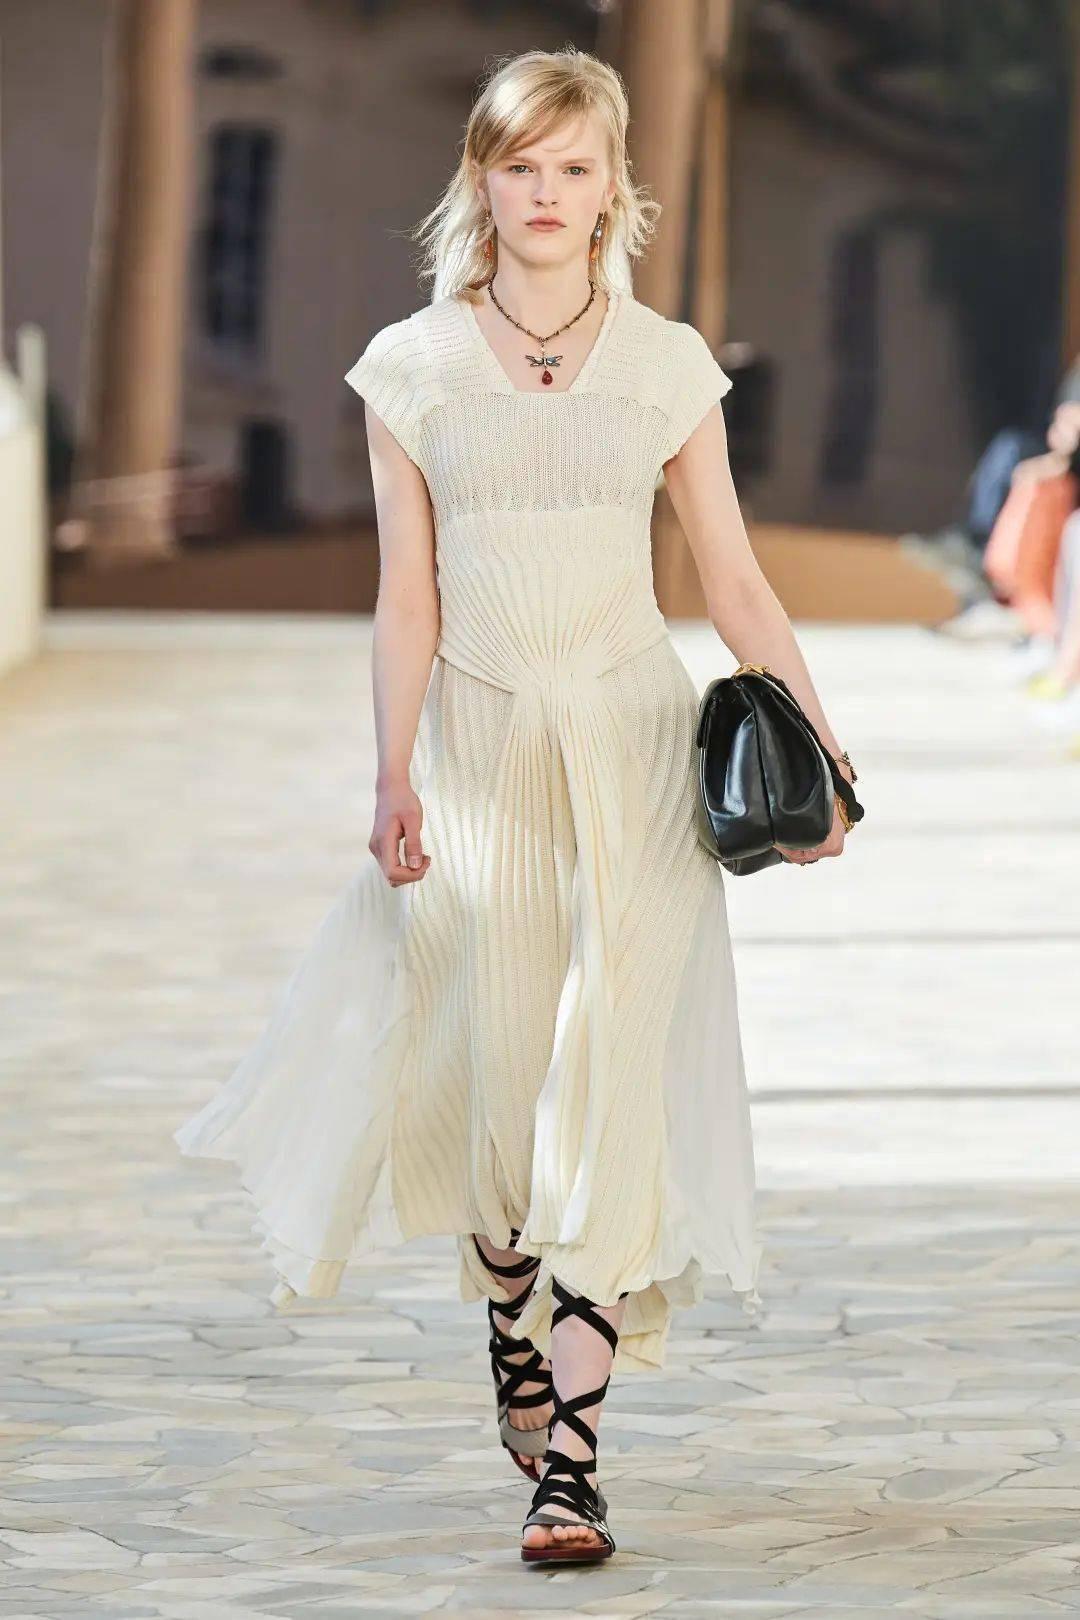 2021米兰春夏时装周,美丽的事物带来新的希望 下